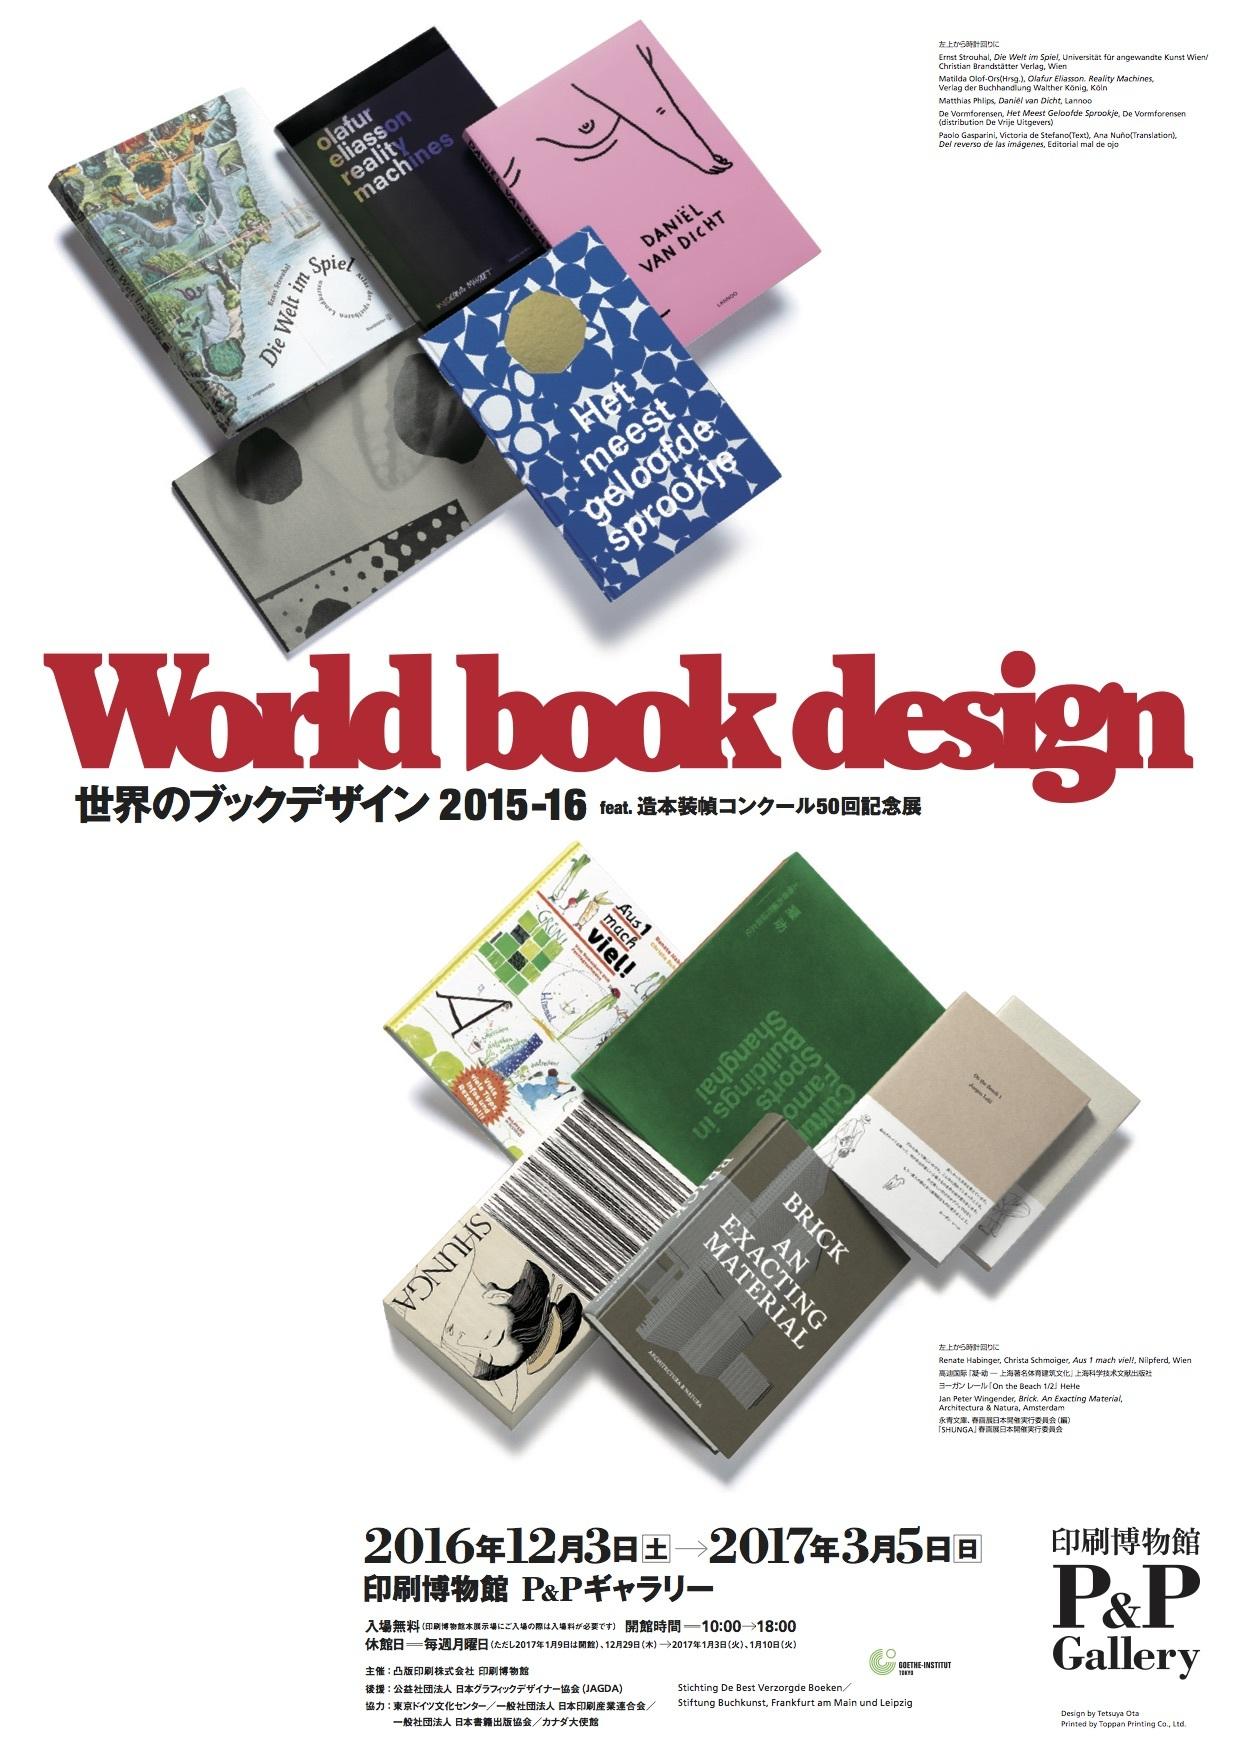 世界のブックデザイン2015-16 feat.造本装幀コンクール50回記念展